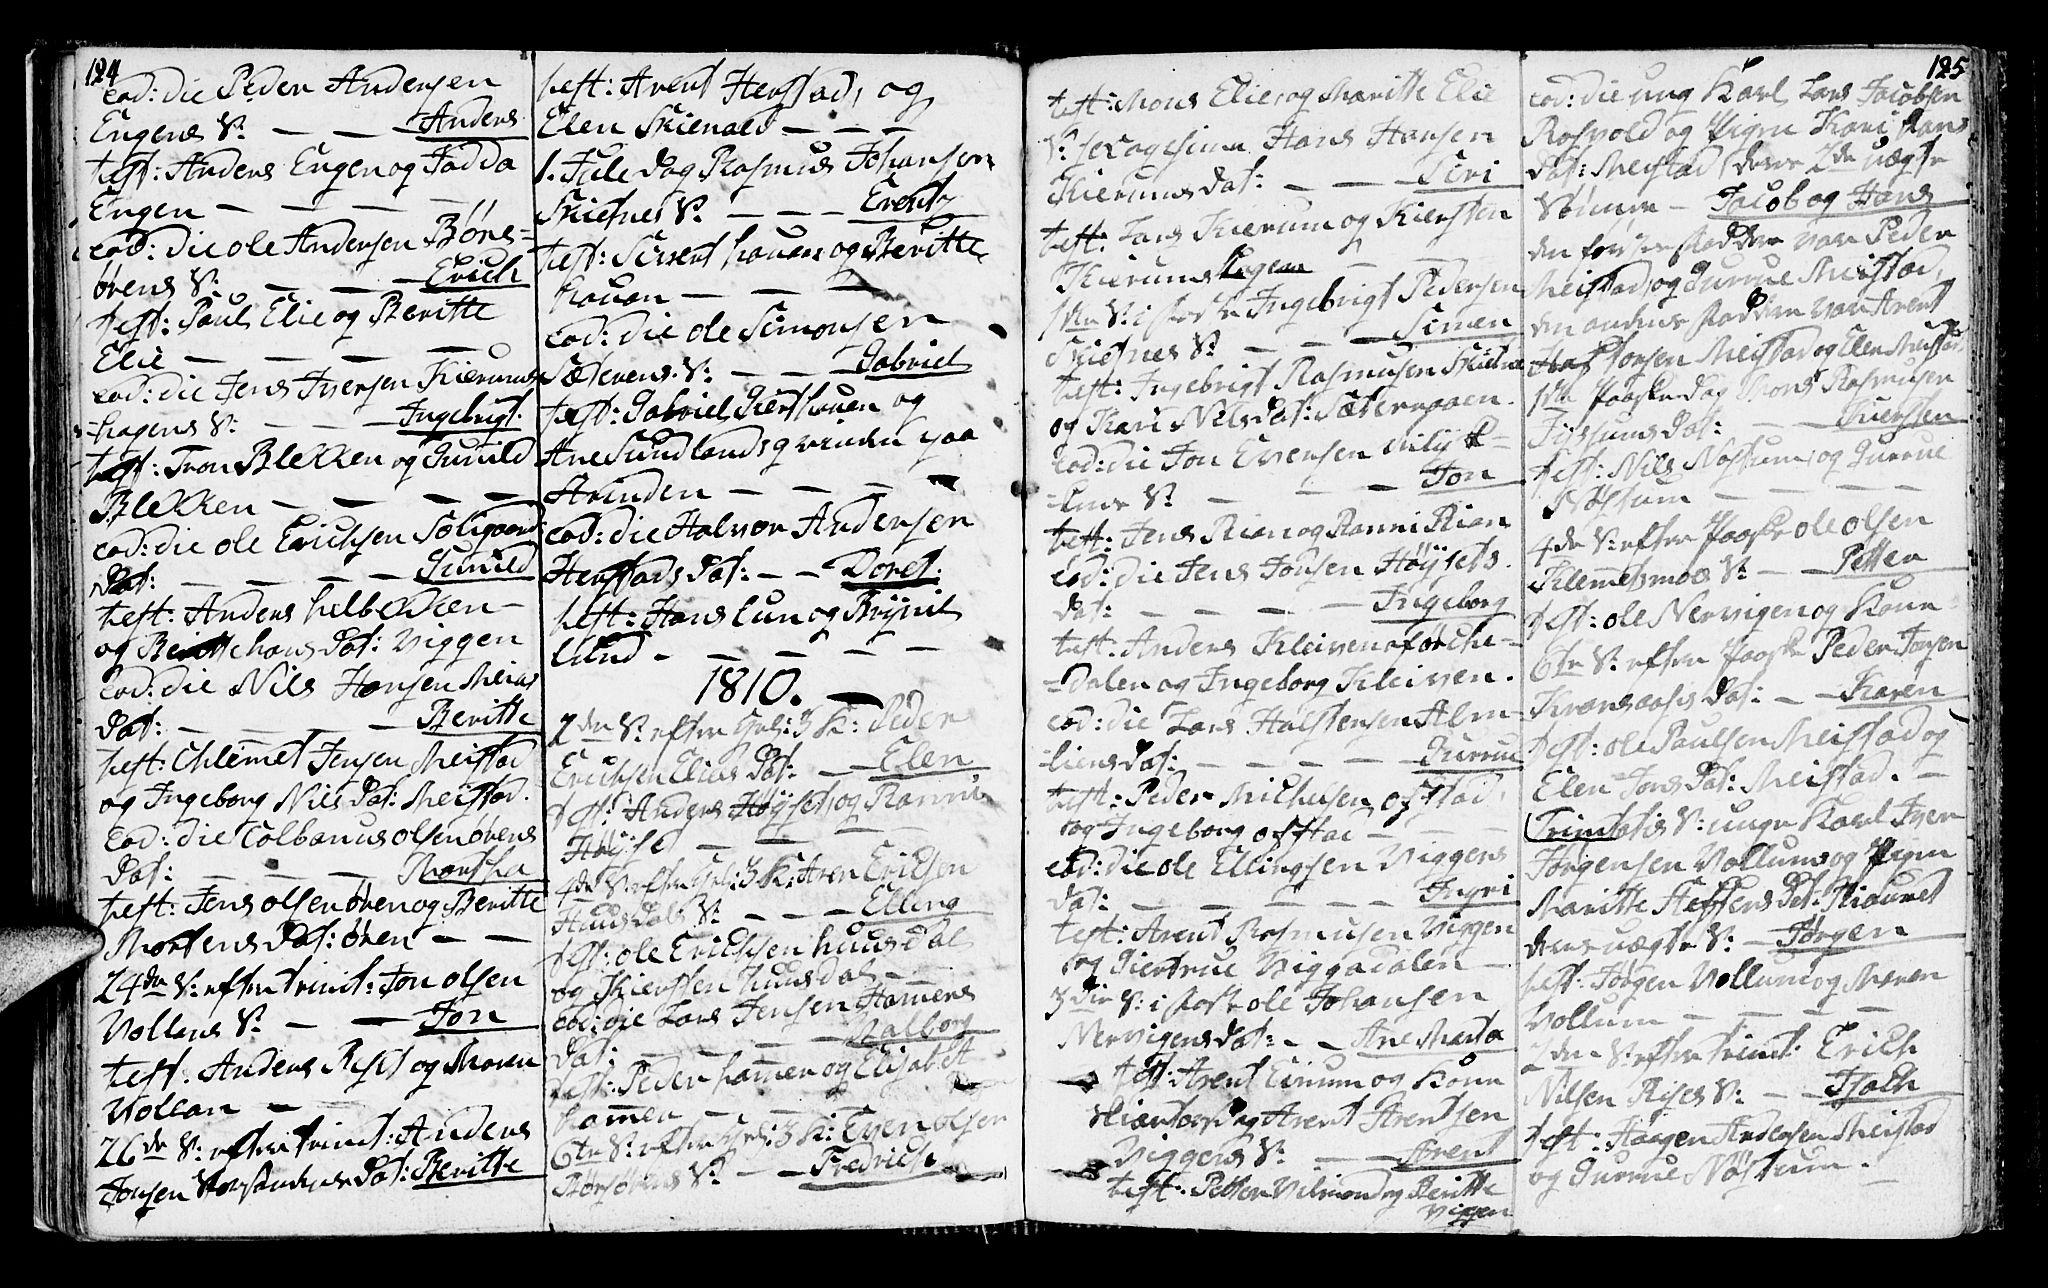 SAT, Ministerialprotokoller, klokkerbøker og fødselsregistre - Sør-Trøndelag, 665/L0769: Ministerialbok nr. 665A04, 1803-1816, s. 124-125